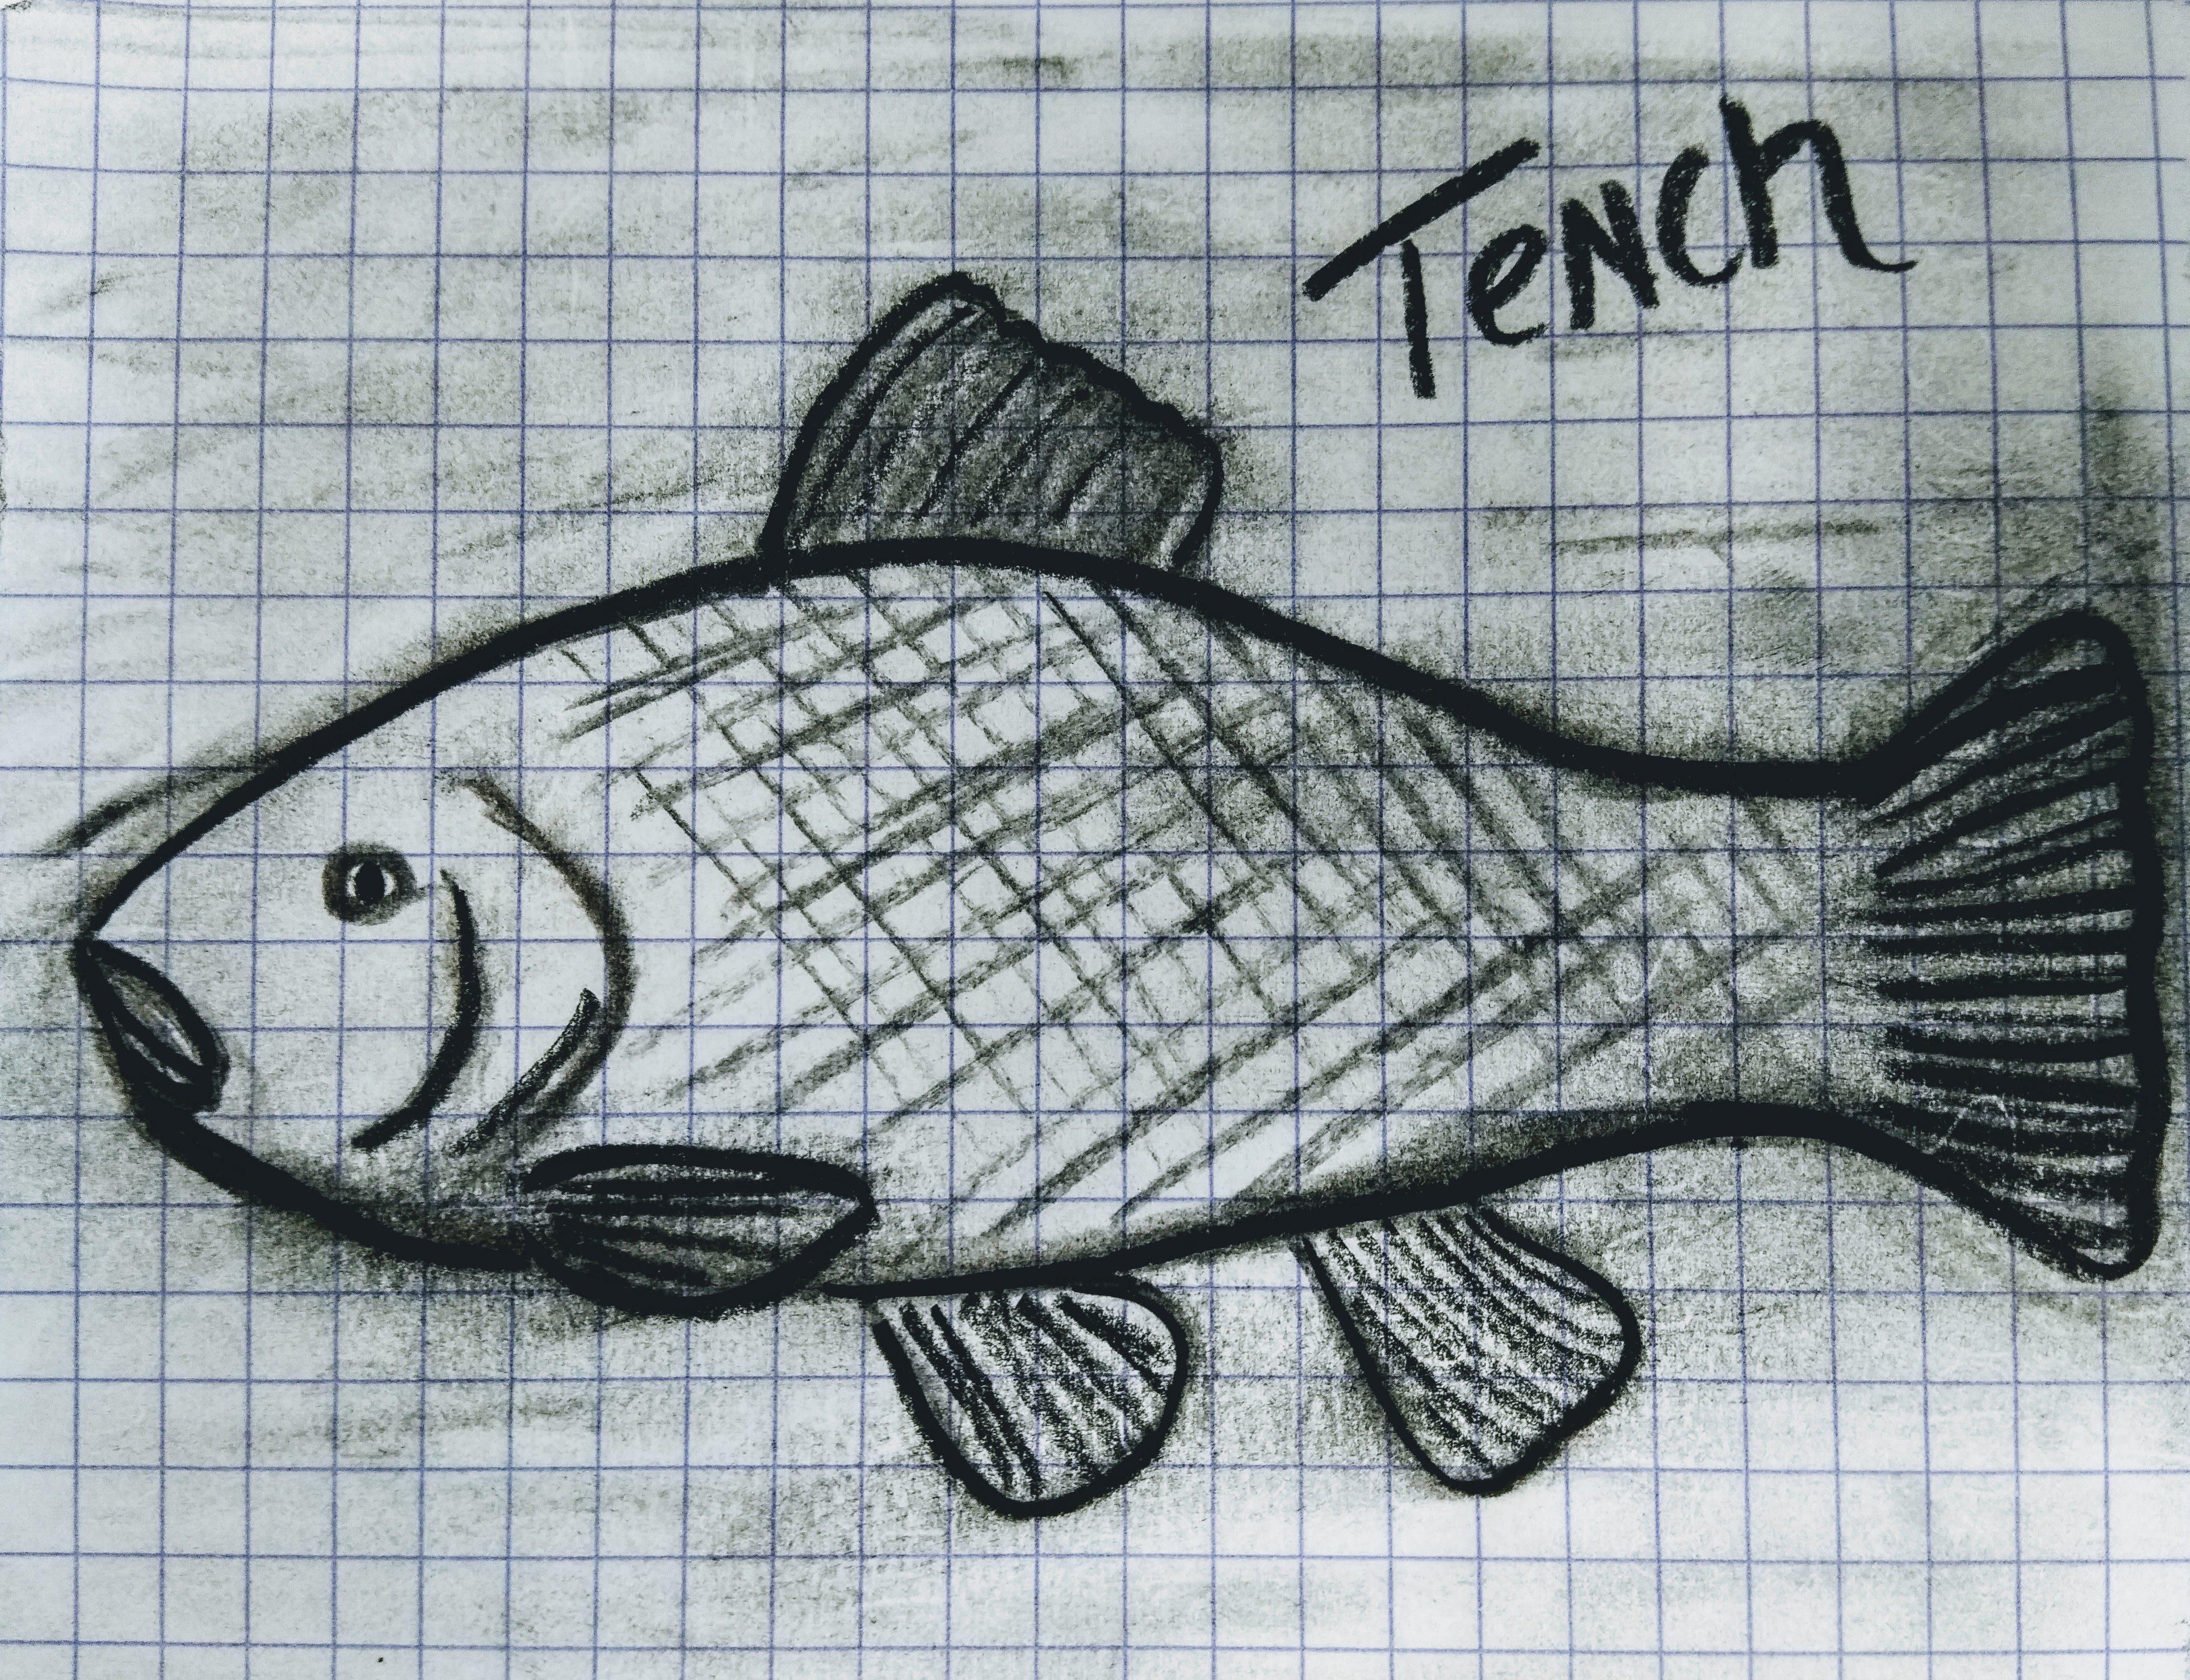 Tench pic